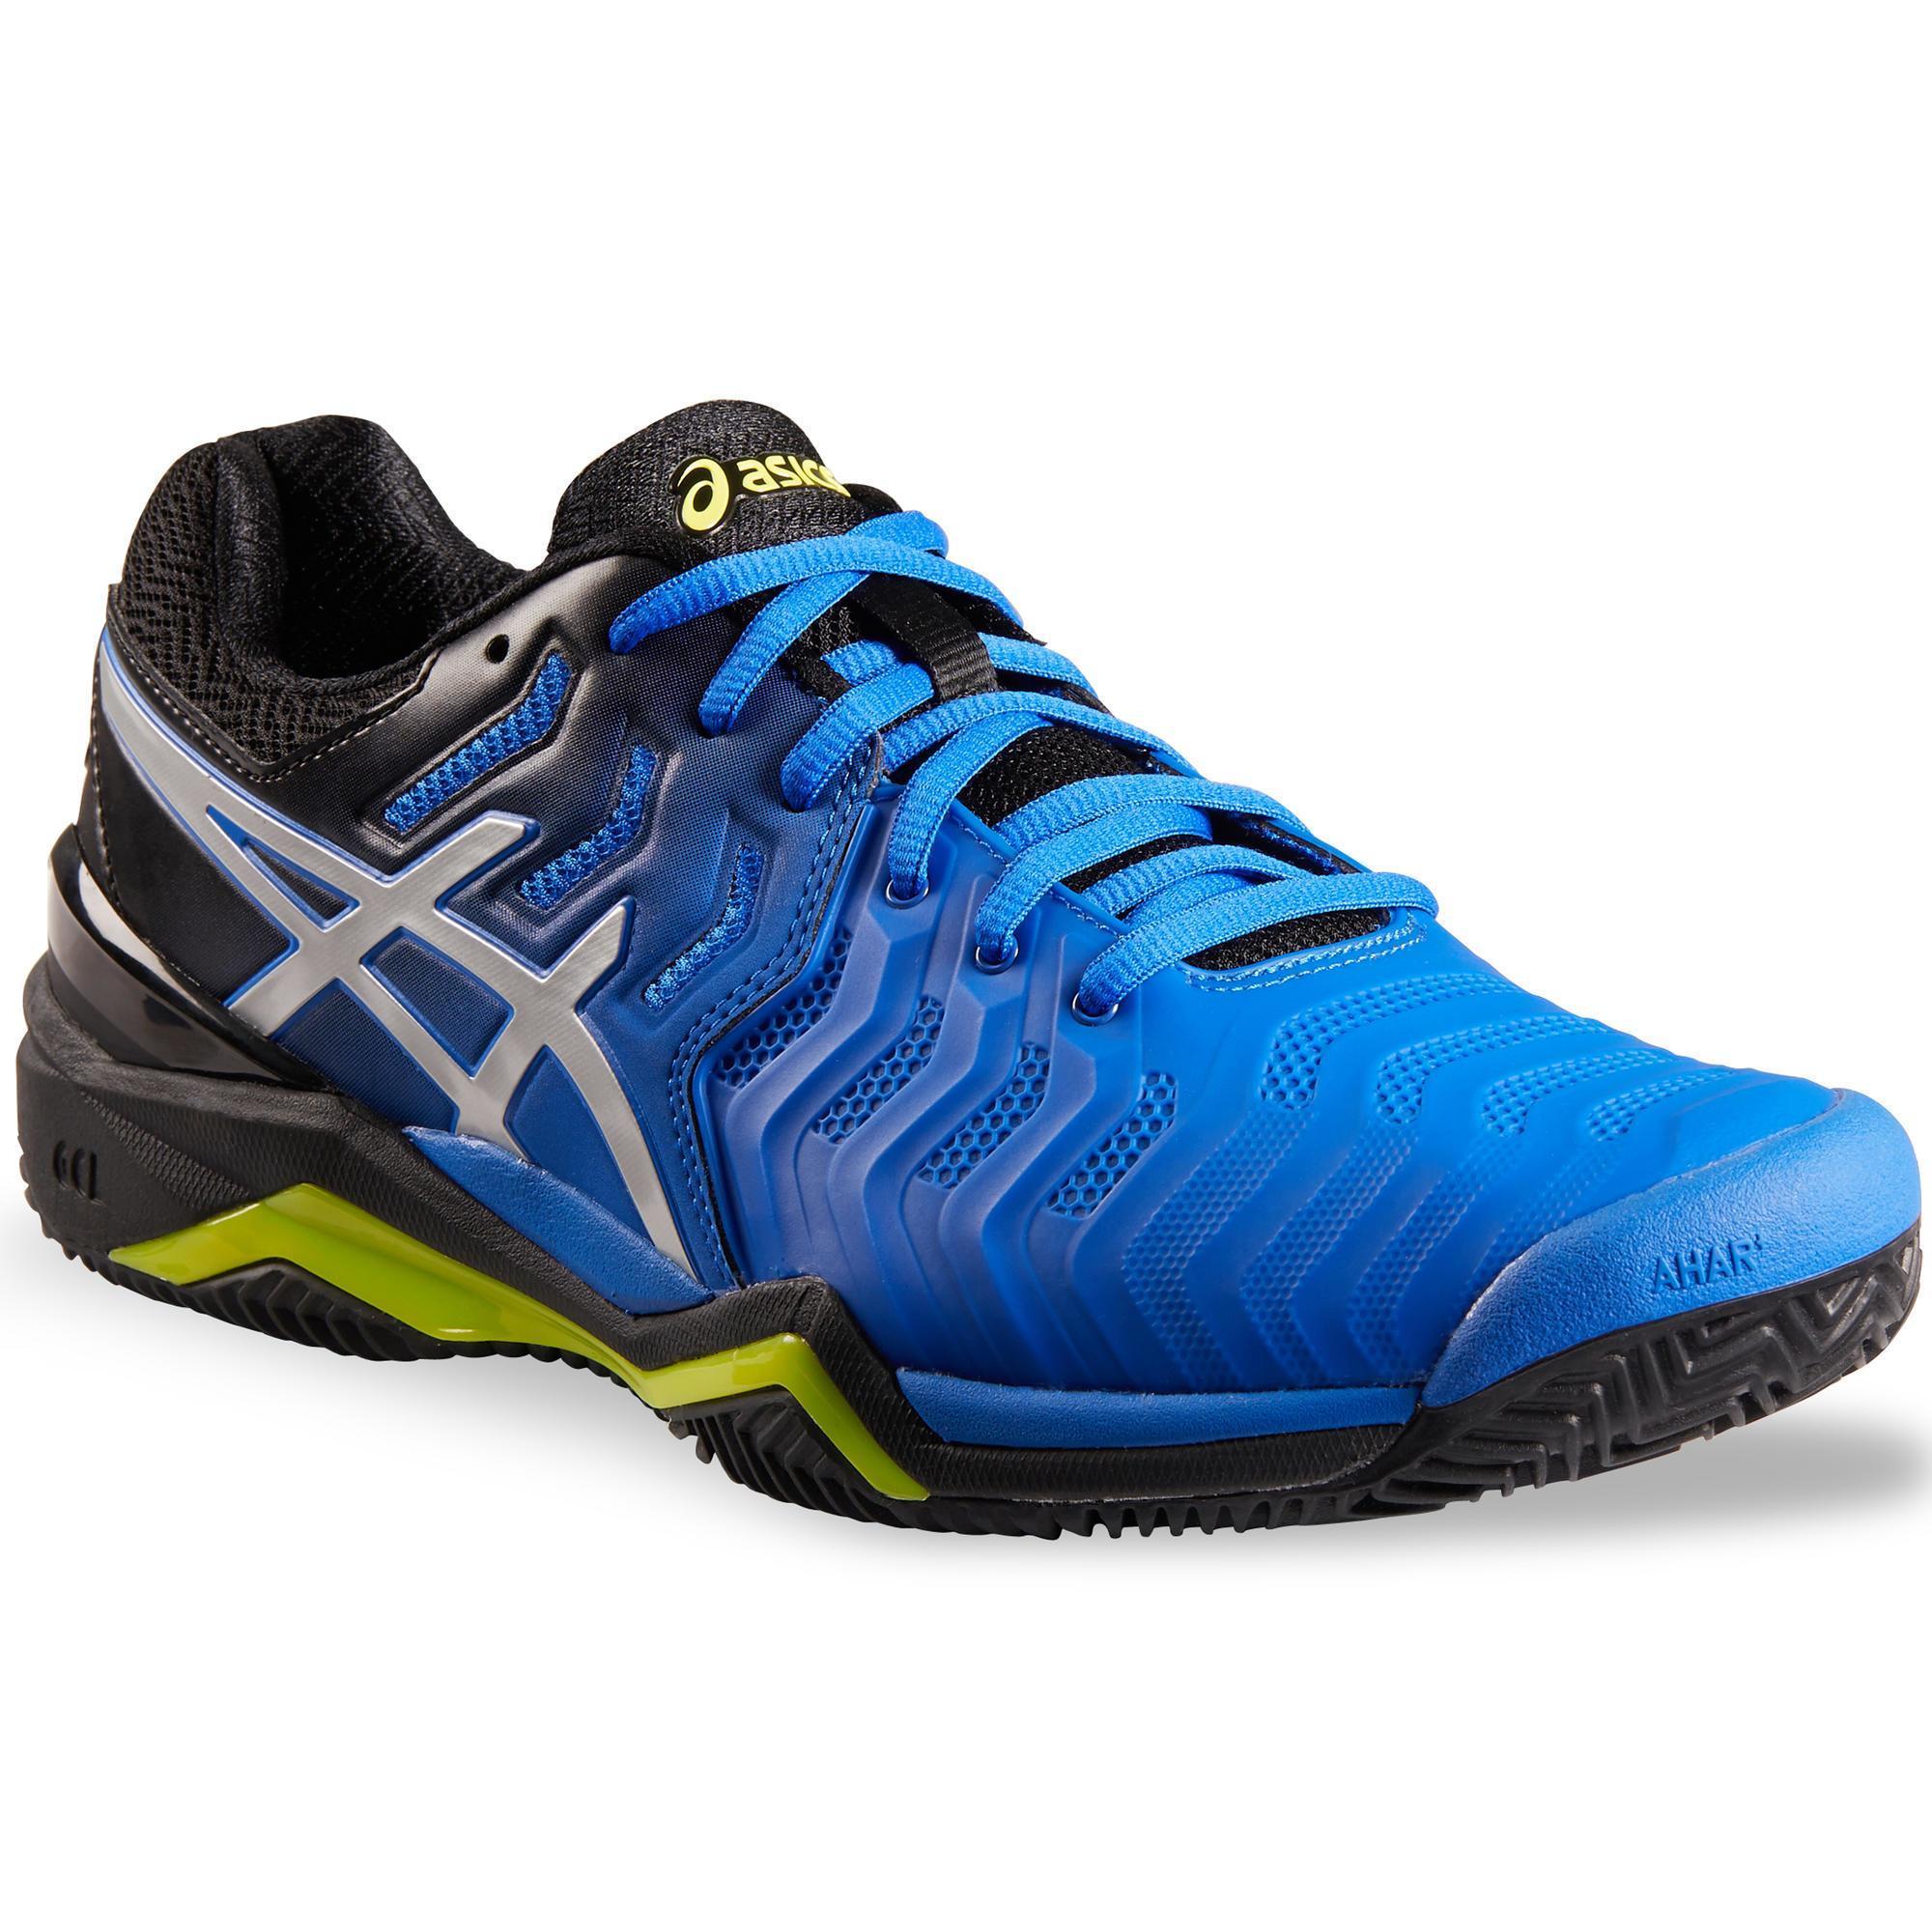 Asics Tennisschoenen voor heren Gel Resolution Speed 7 blauw/zilver multi court